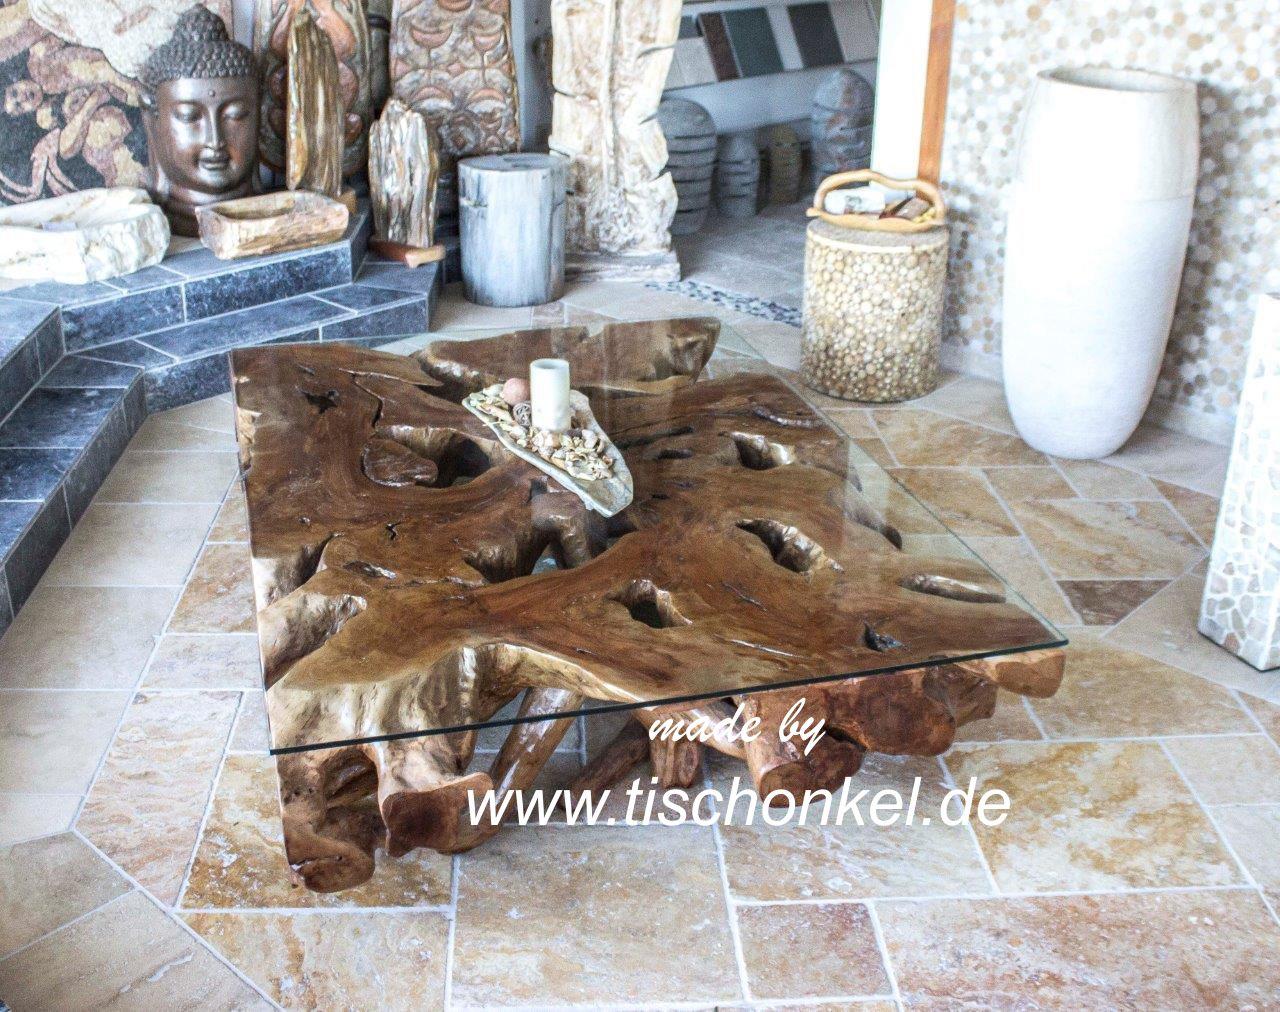 Grosser Couchtisch aus einer Baumwurzel  Der Tischonkel